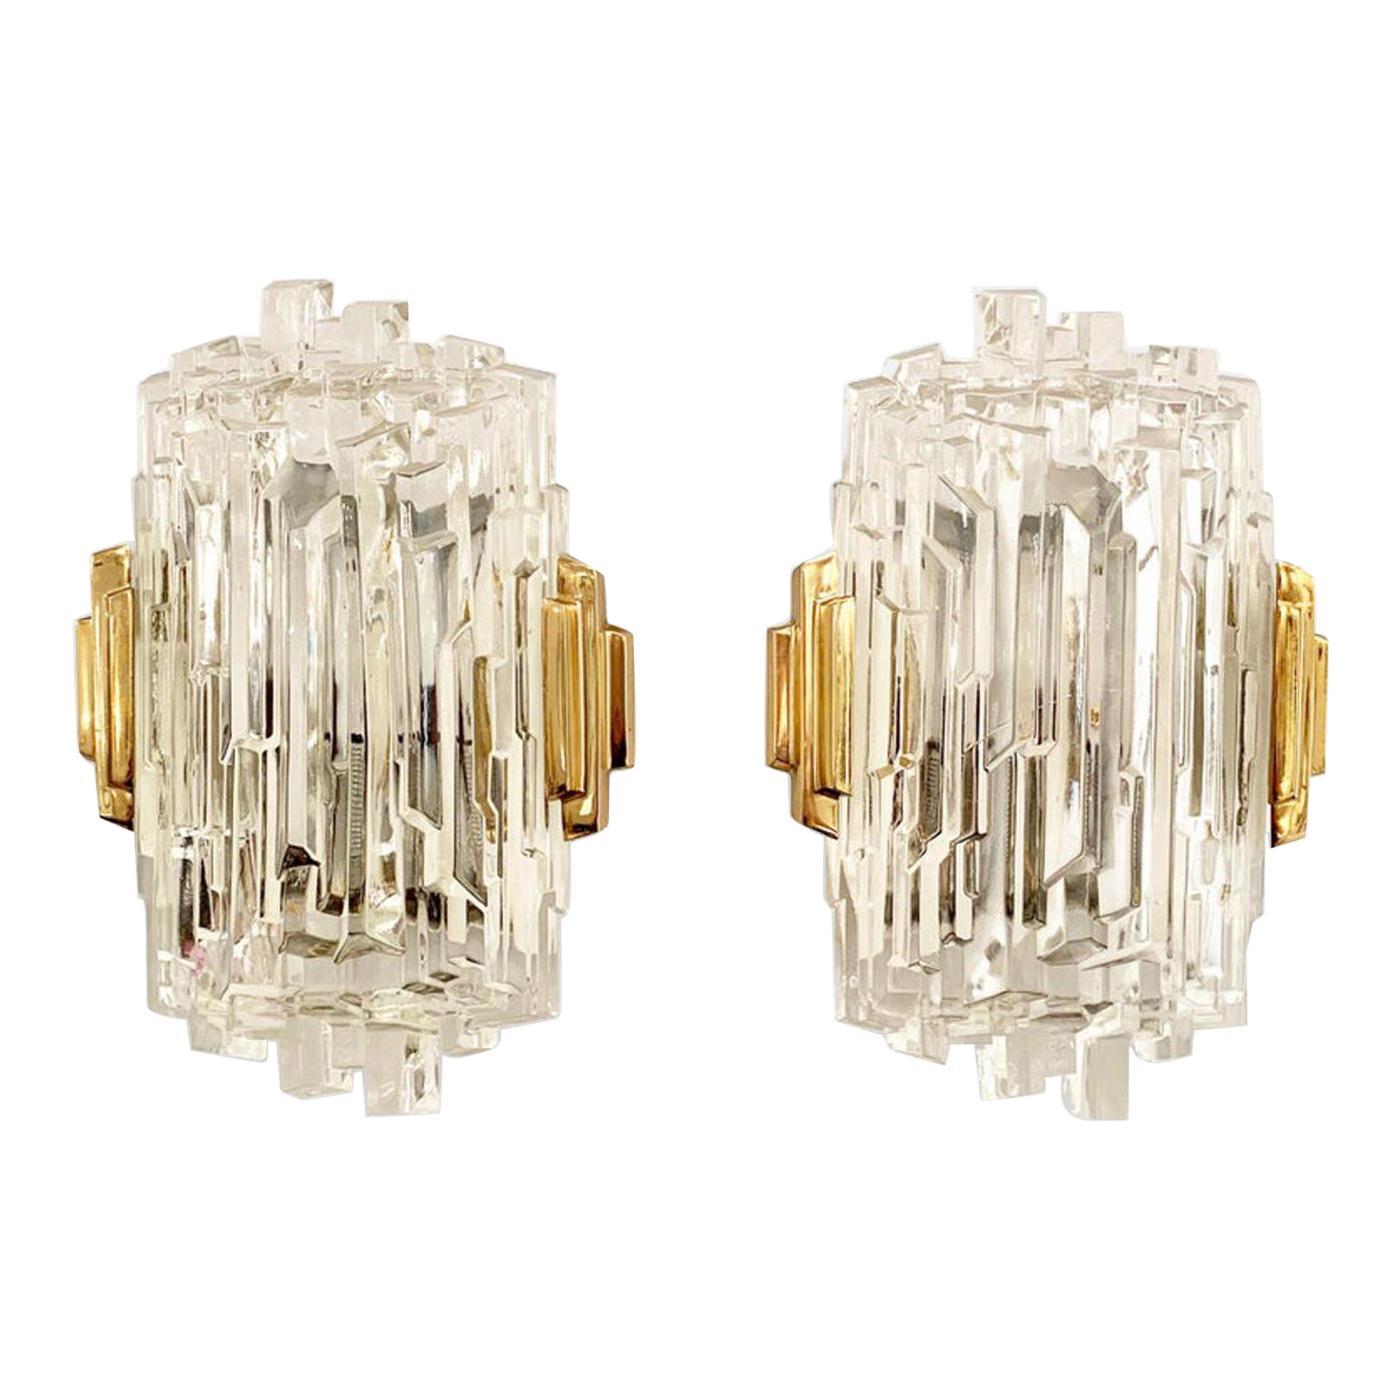 Scandinavian Modern Brass, Ice Glass Sconces